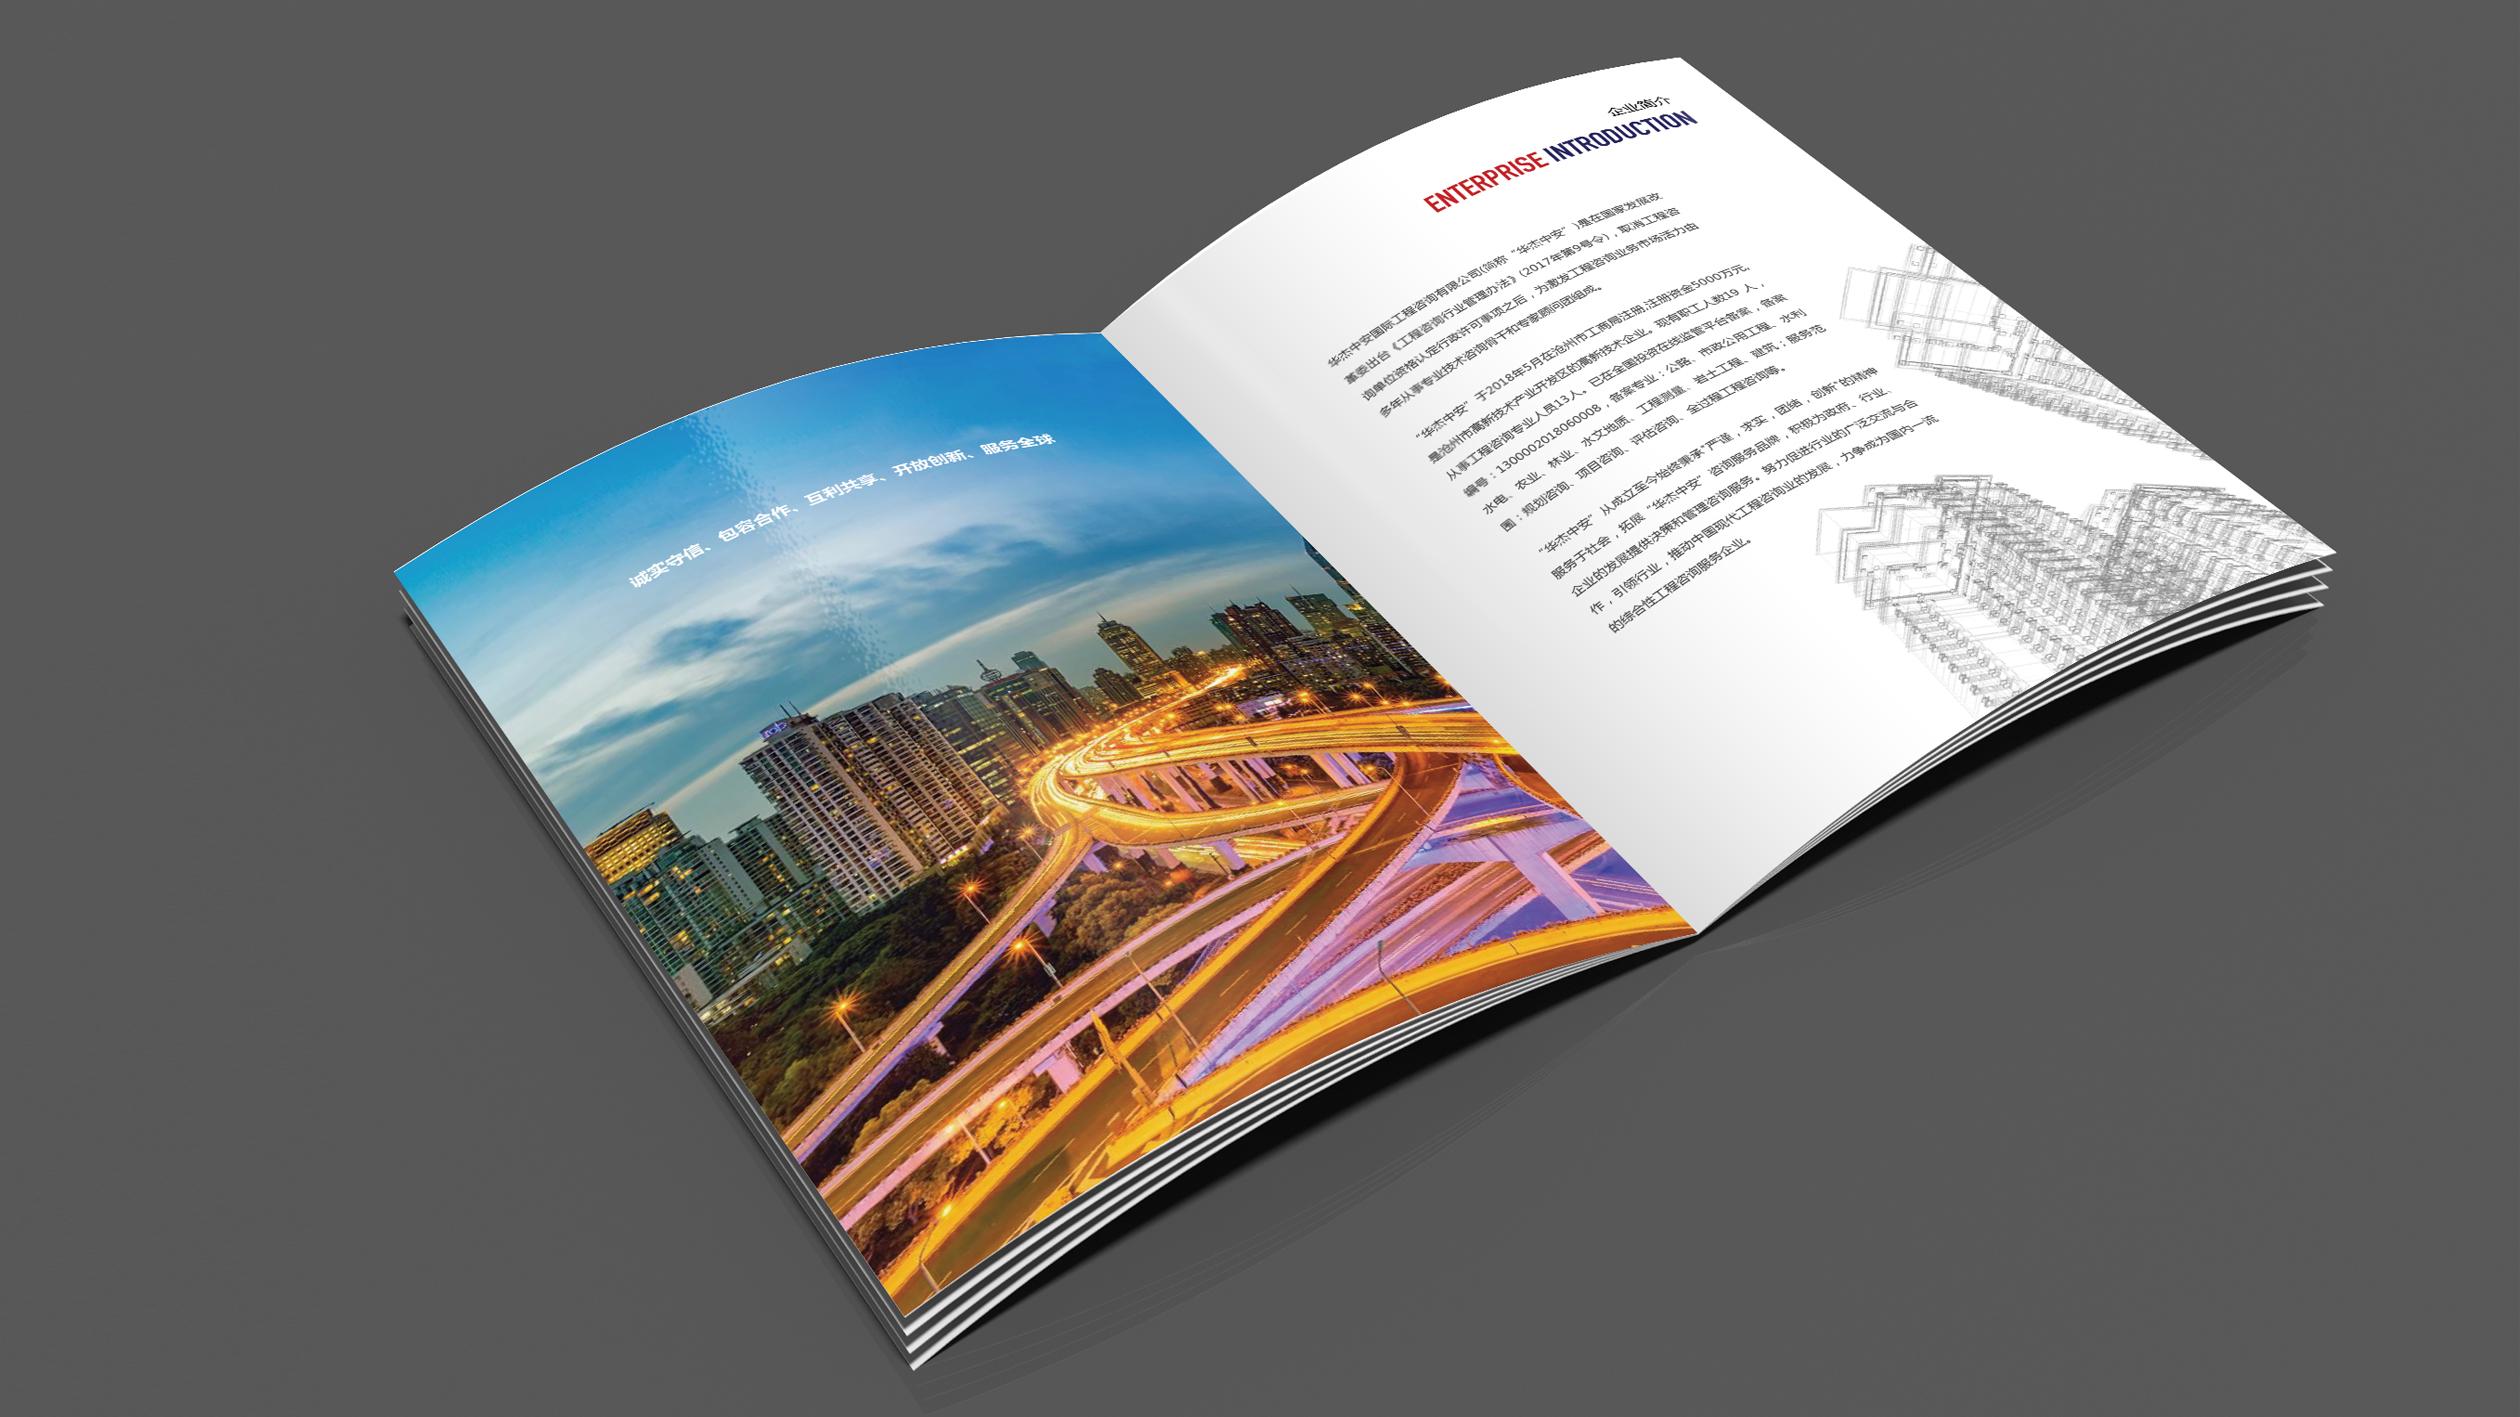 华杰中安工程咨询有限公司(广告折页)广告折页设计